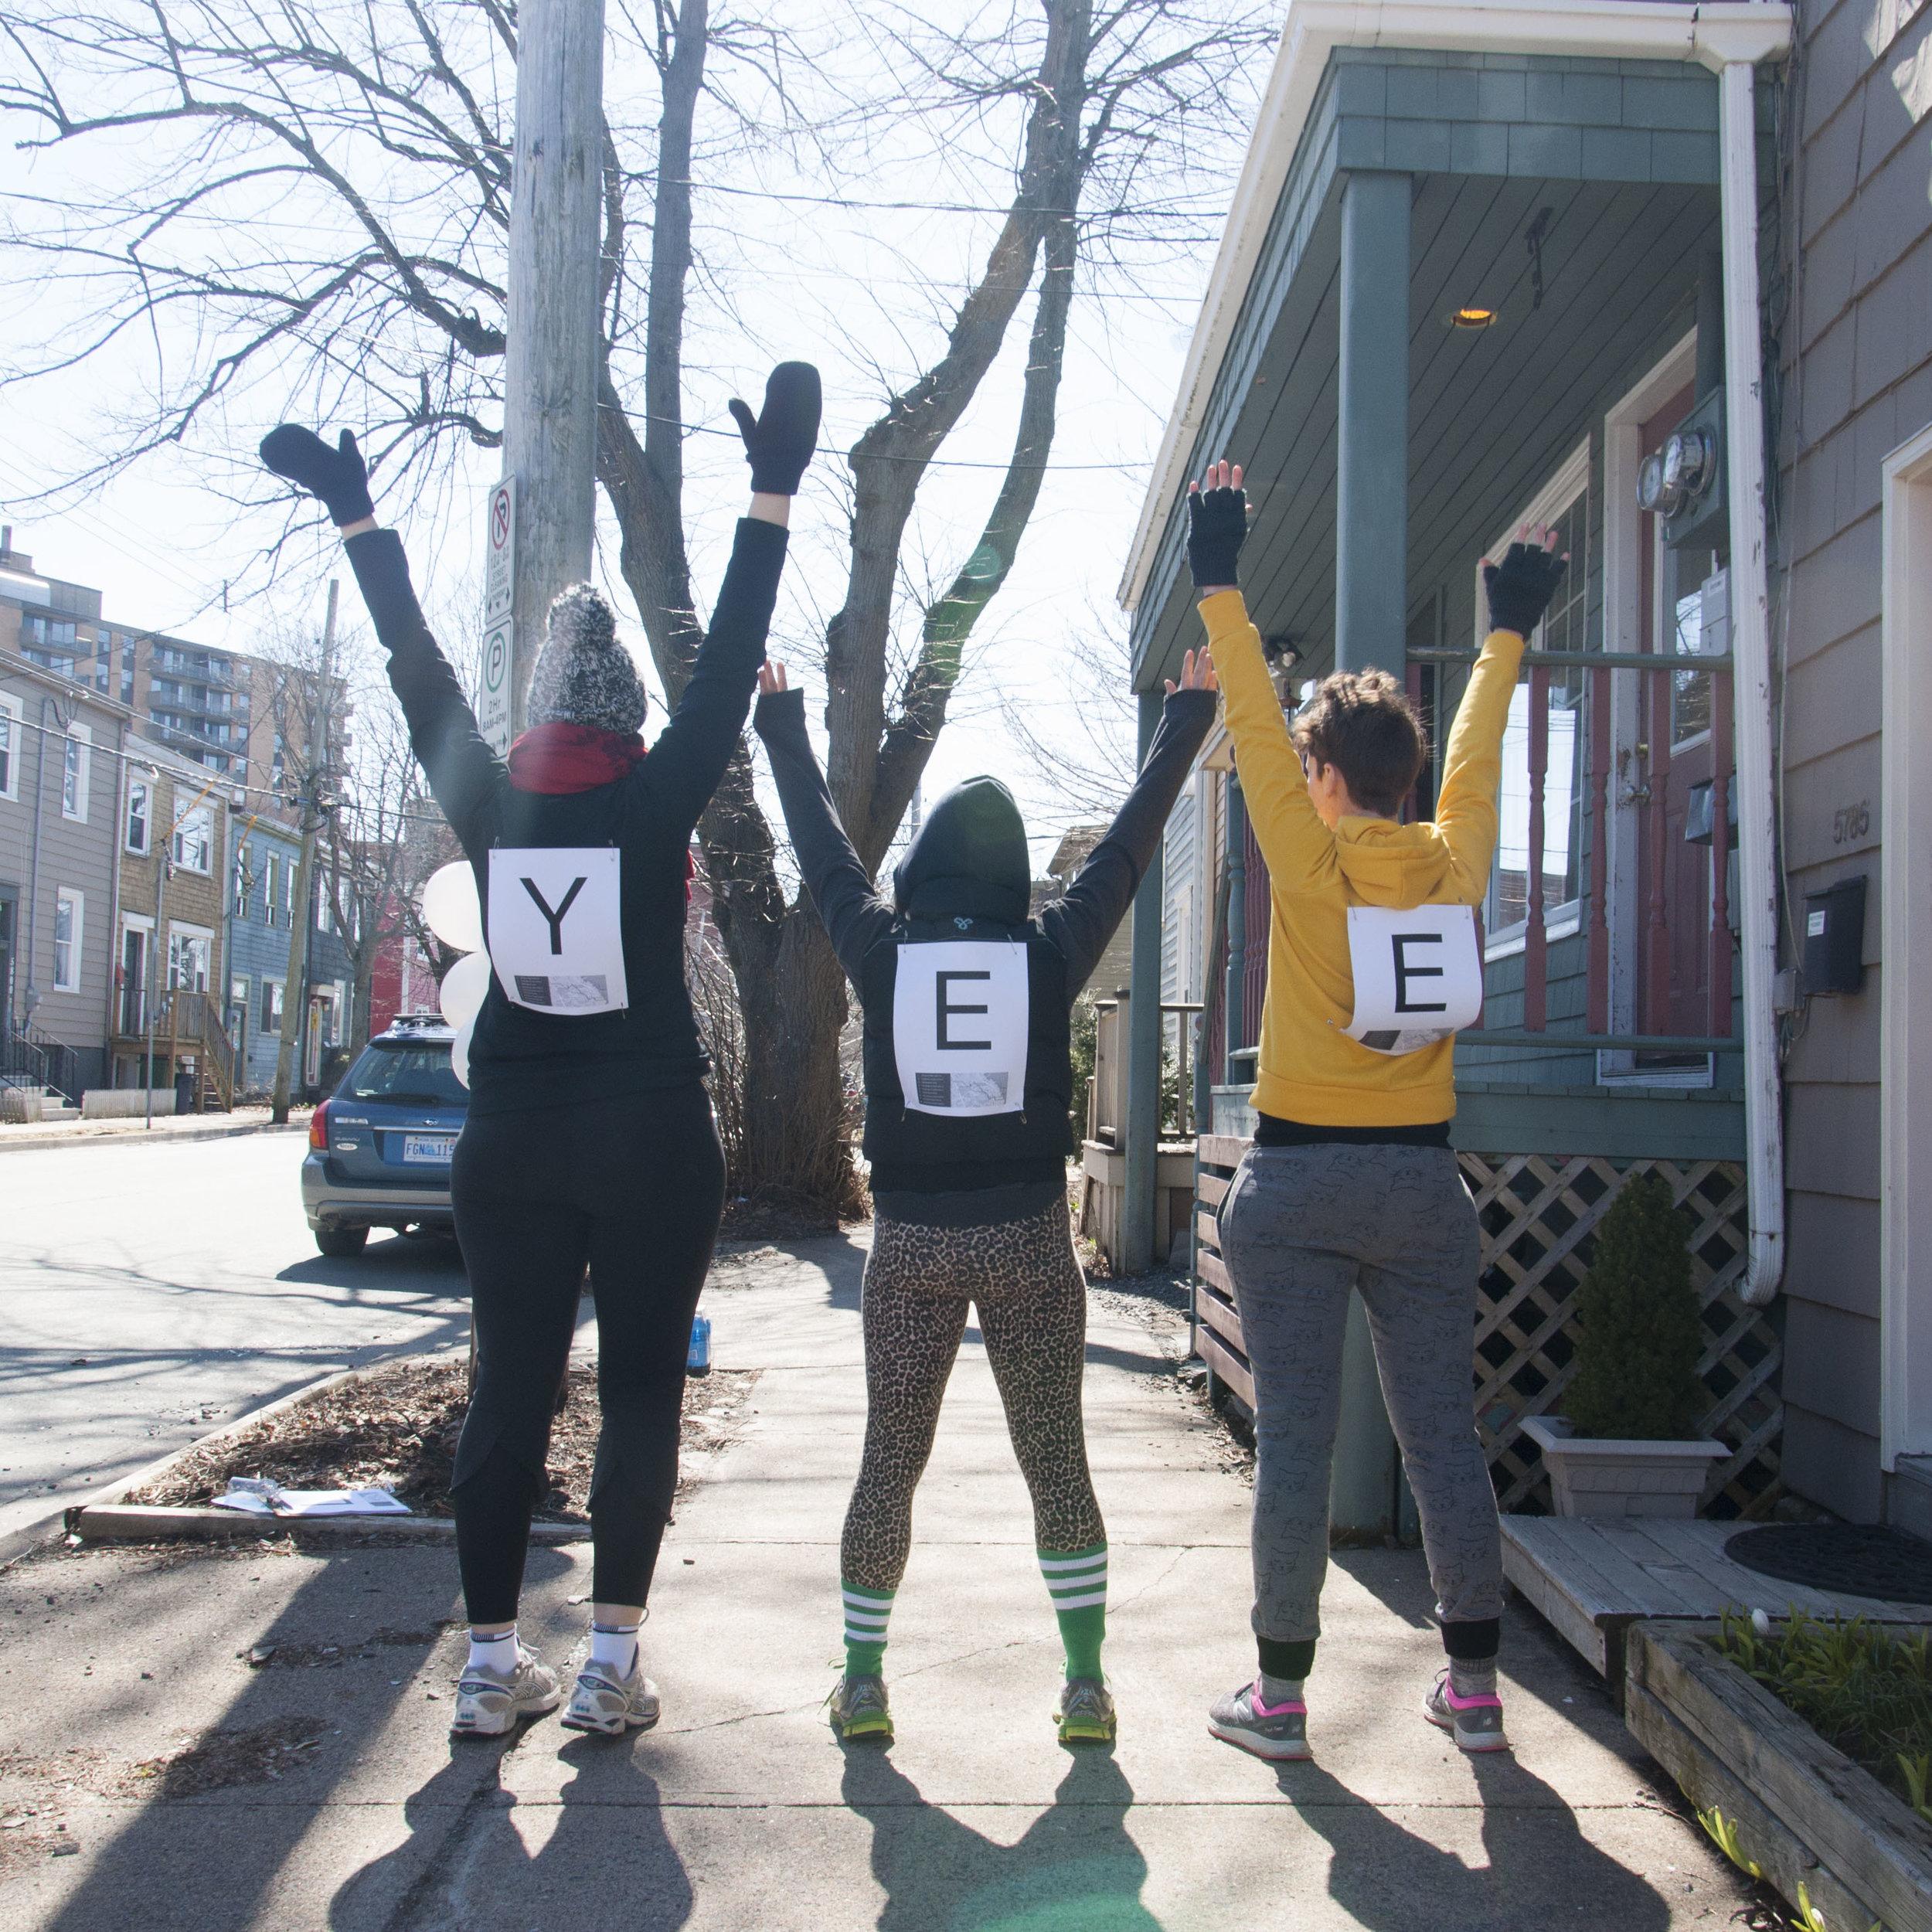 Eyelevel Moving Marathon documentation images courtedy of Ericka Flake